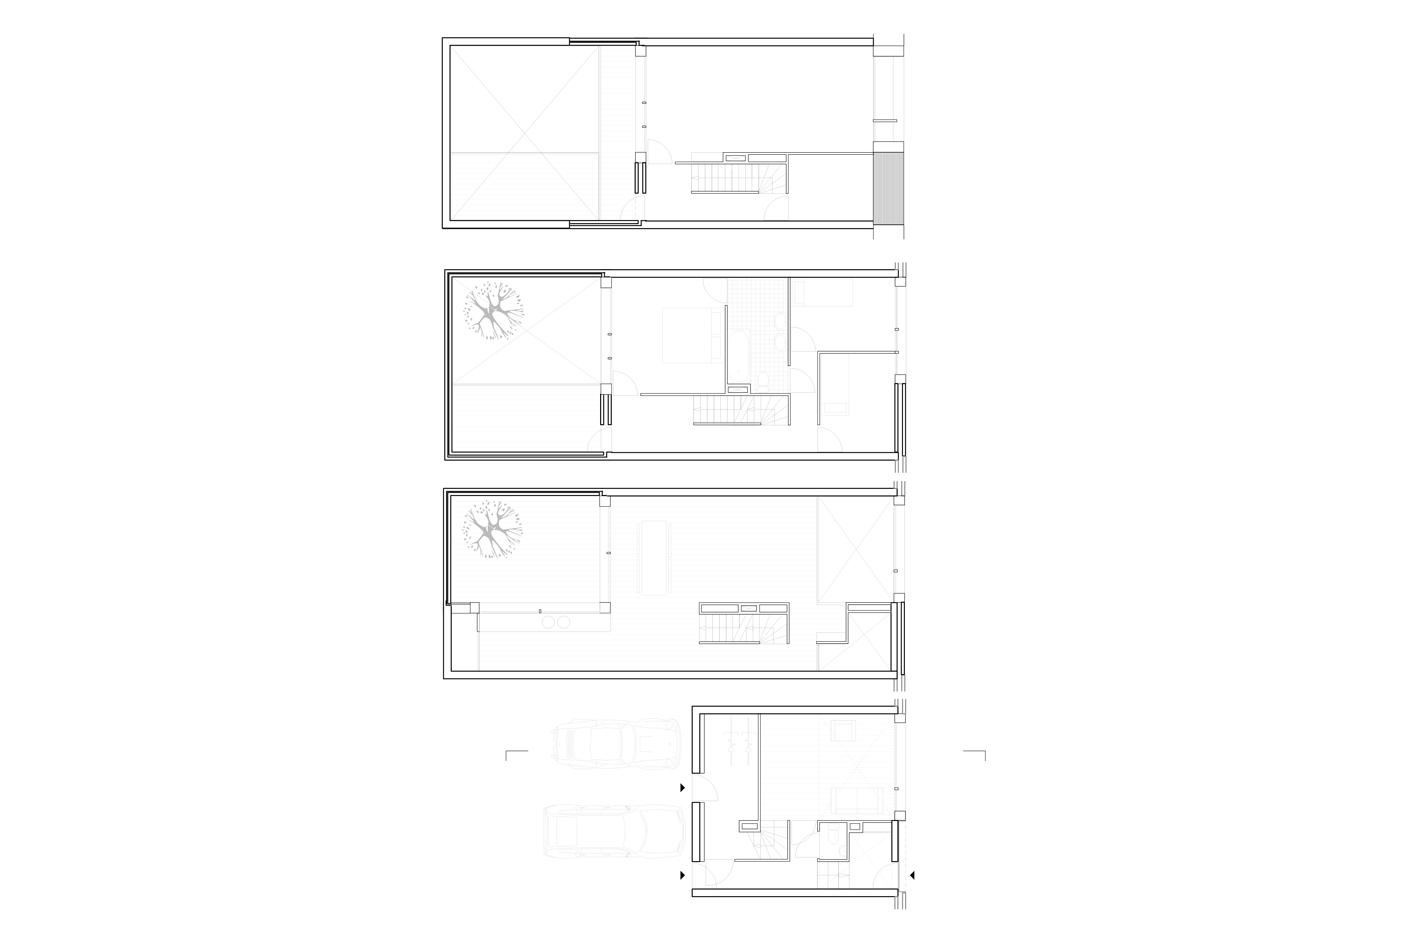 patio3 atelier PUUUR Leiden nieuw leyden particulier opdrachtgeverschap PO zelfbouw vrije plattegrond indeling